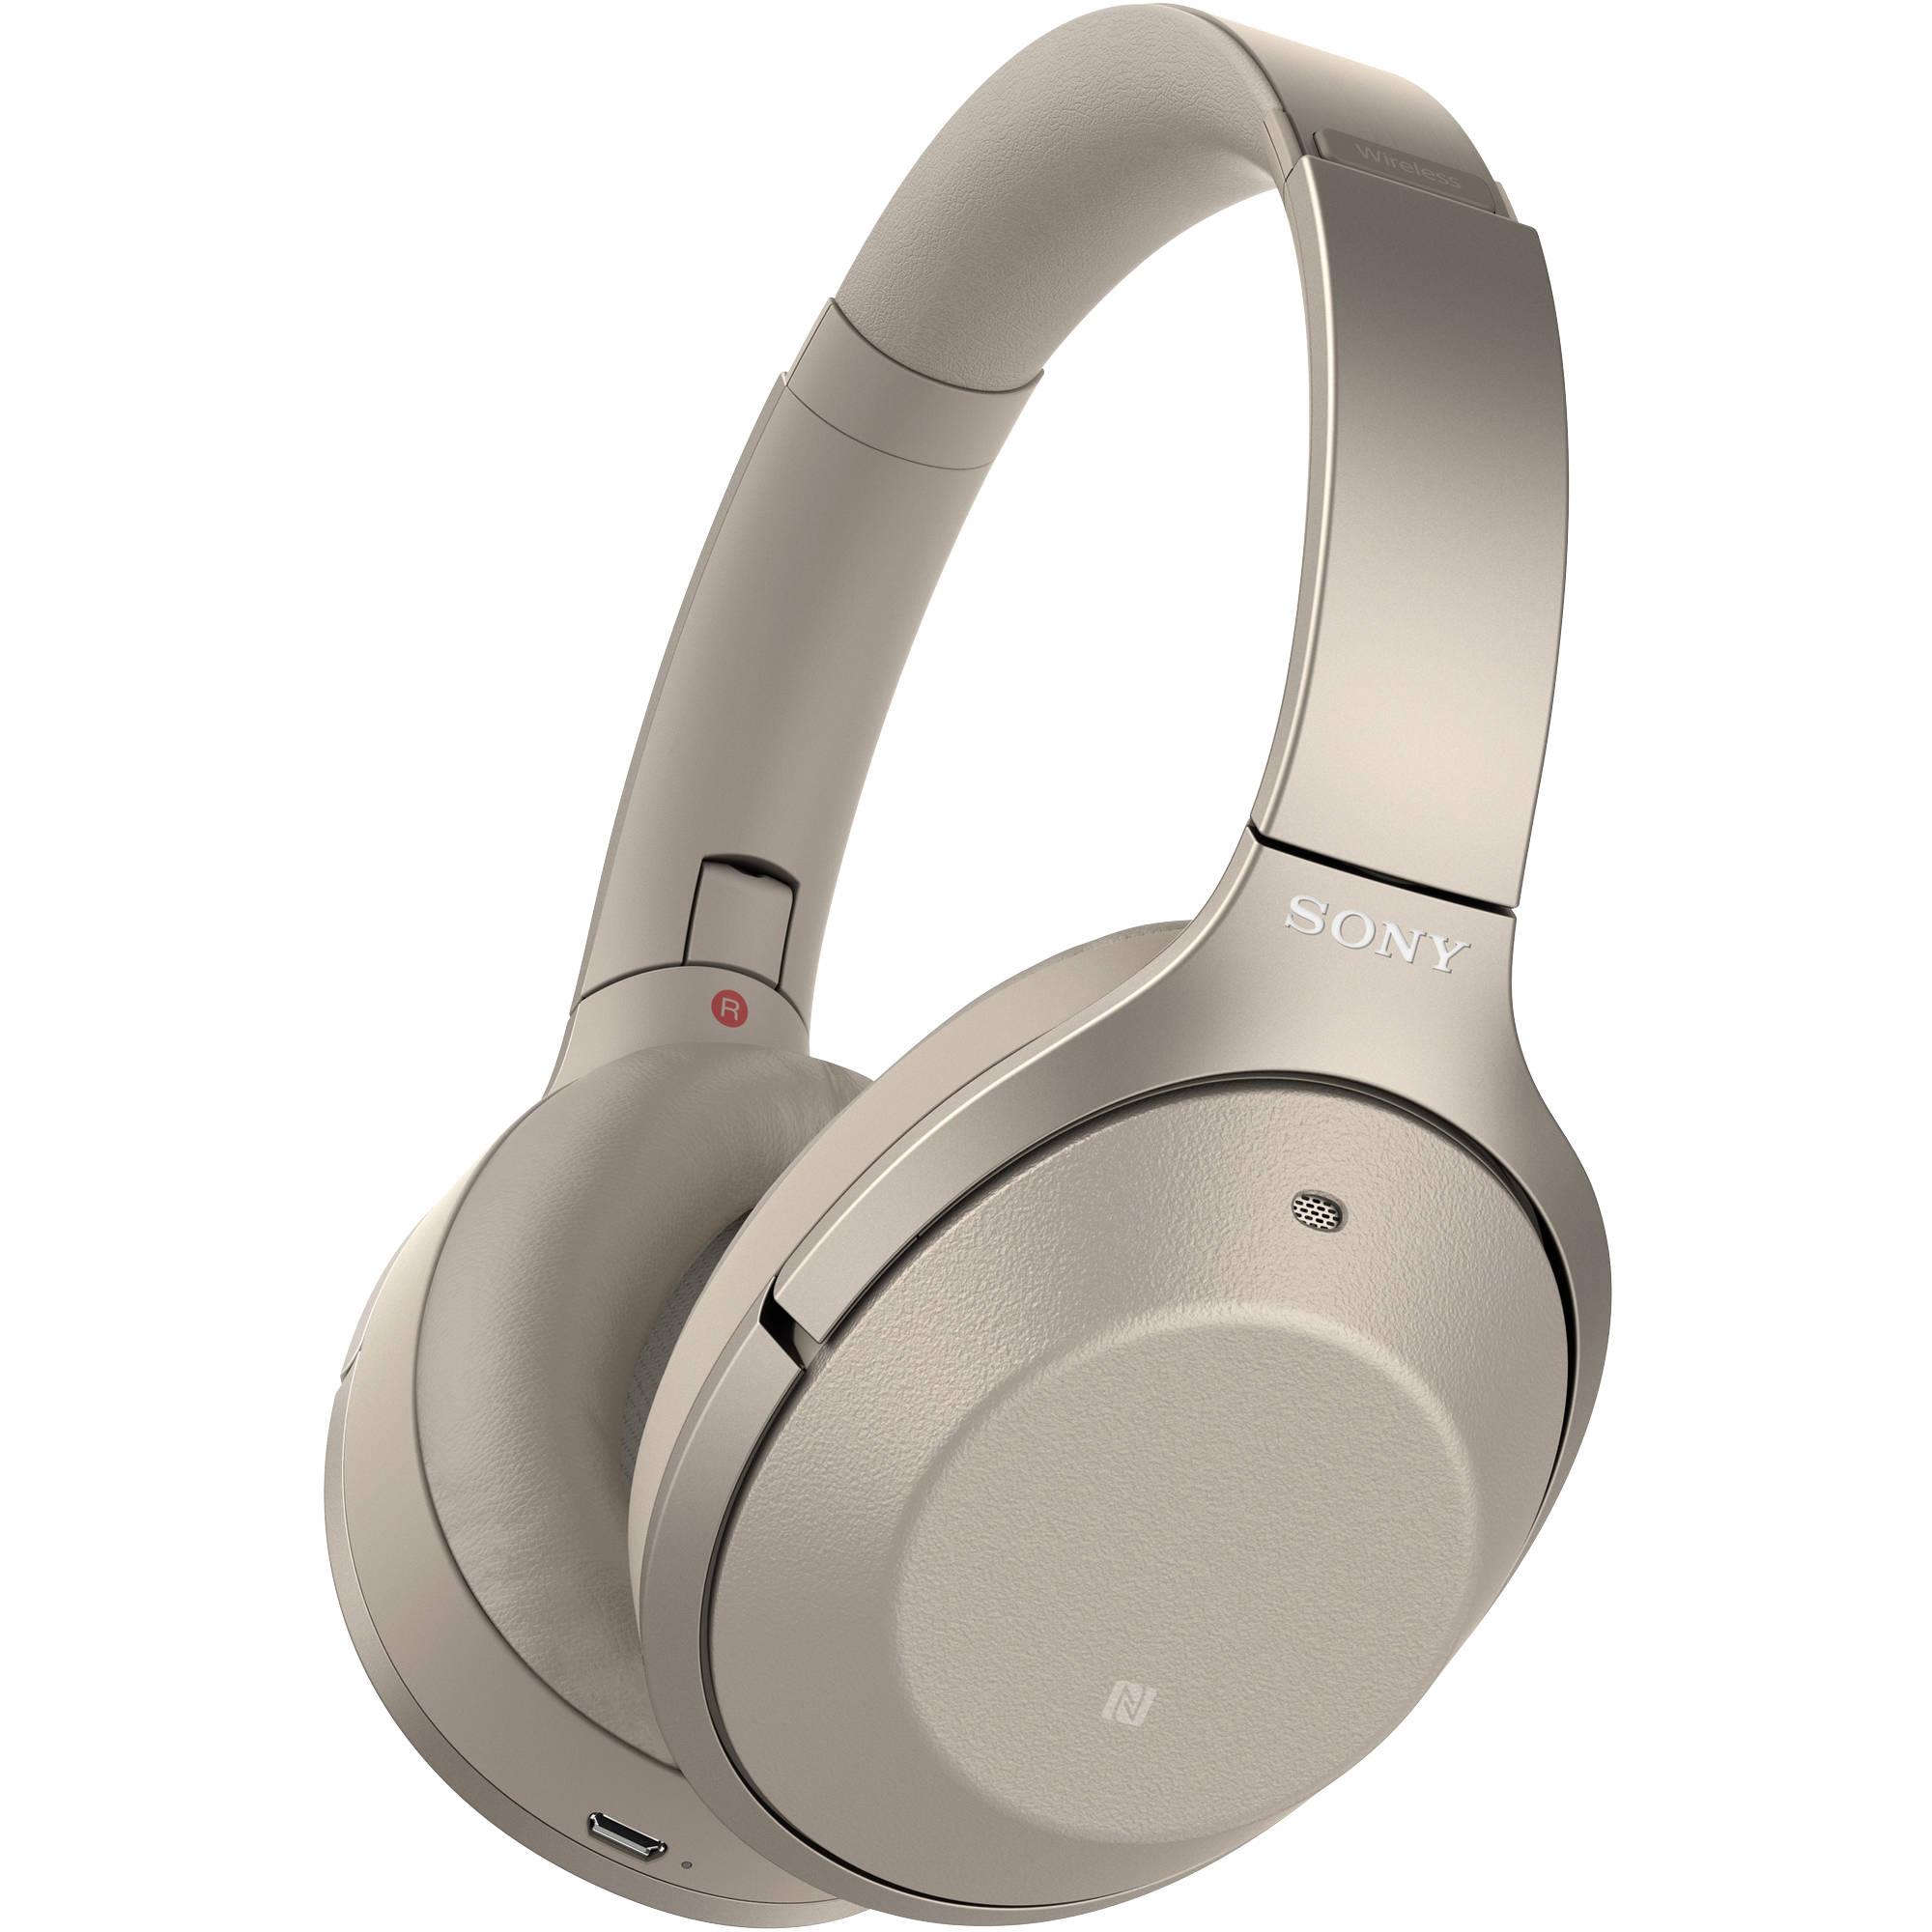 Sony wireless noise cancelling headphones - sony wireless headphones wh1000xm2